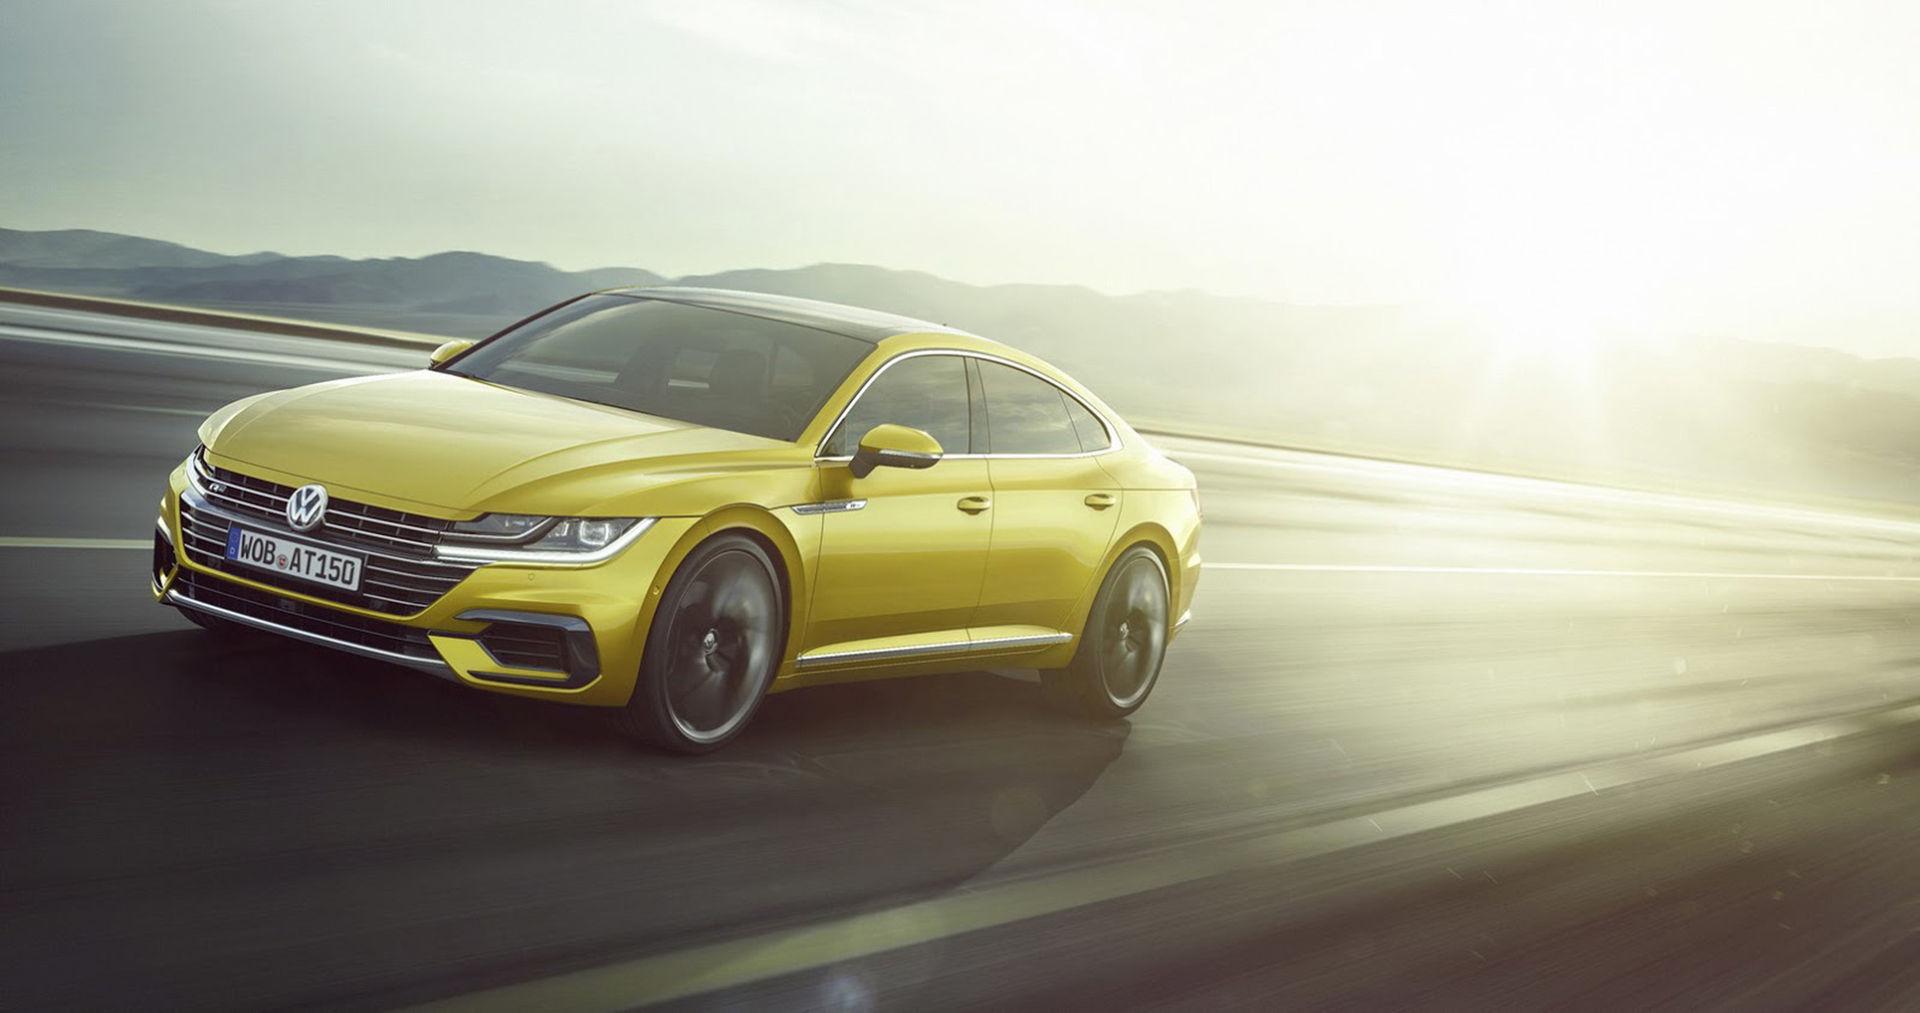 Nu är Volkswagens nya modell Arteon här